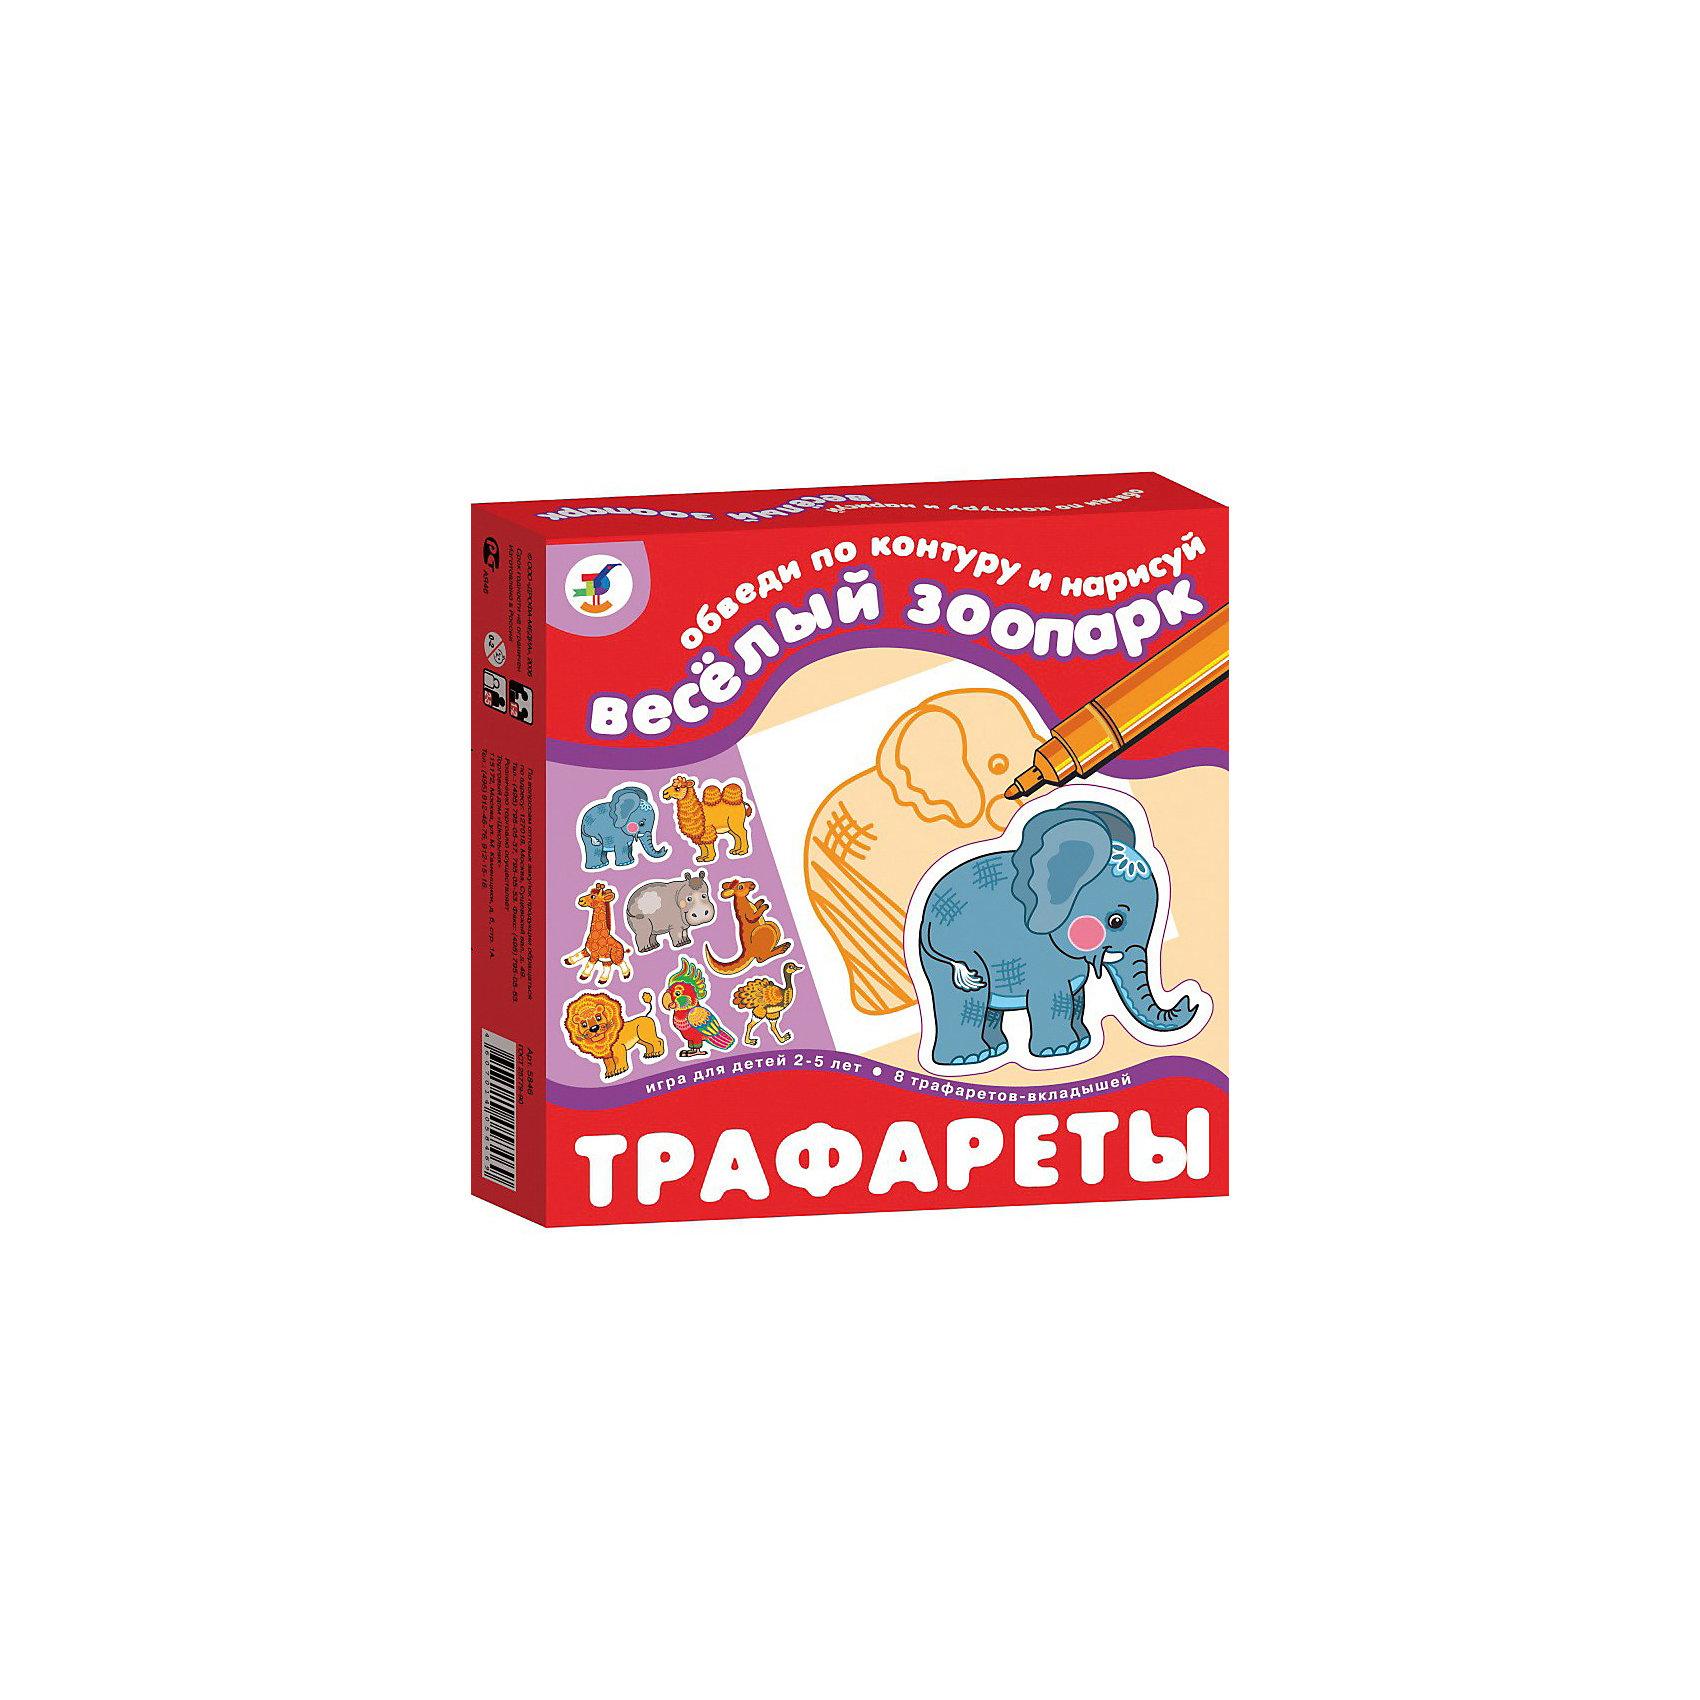 Трафареты Веселый зоопаркРазвивающие игры<br>Трафареты помогут вашему ребенку развивать фантазию и интересно проводить время. Малышу нужно обвести фигурку и раскрасить ее, такое занятие развивает у детей моторику рук и воображение.<br><br>Дополнительная информация:<br><br>- В наборе: 8 разных трафаретов( Кенгуру, Слон, Страус, Жираф, Бегемот, Верблюд, Попугай,  Лев.<br>- Размер трафарета: 11 х 10,5 см<br>- Материал: картон<br><br>Трафареты Веселый зоопарк можно купить в нашем магазине.<br><br>Ширина мм: 160<br>Глубина мм: 165<br>Высота мм: 30<br>Вес г: 200<br>Возраст от месяцев: 36<br>Возраст до месяцев: 60<br>Пол: Унисекс<br>Возраст: Детский<br>SKU: 3173875